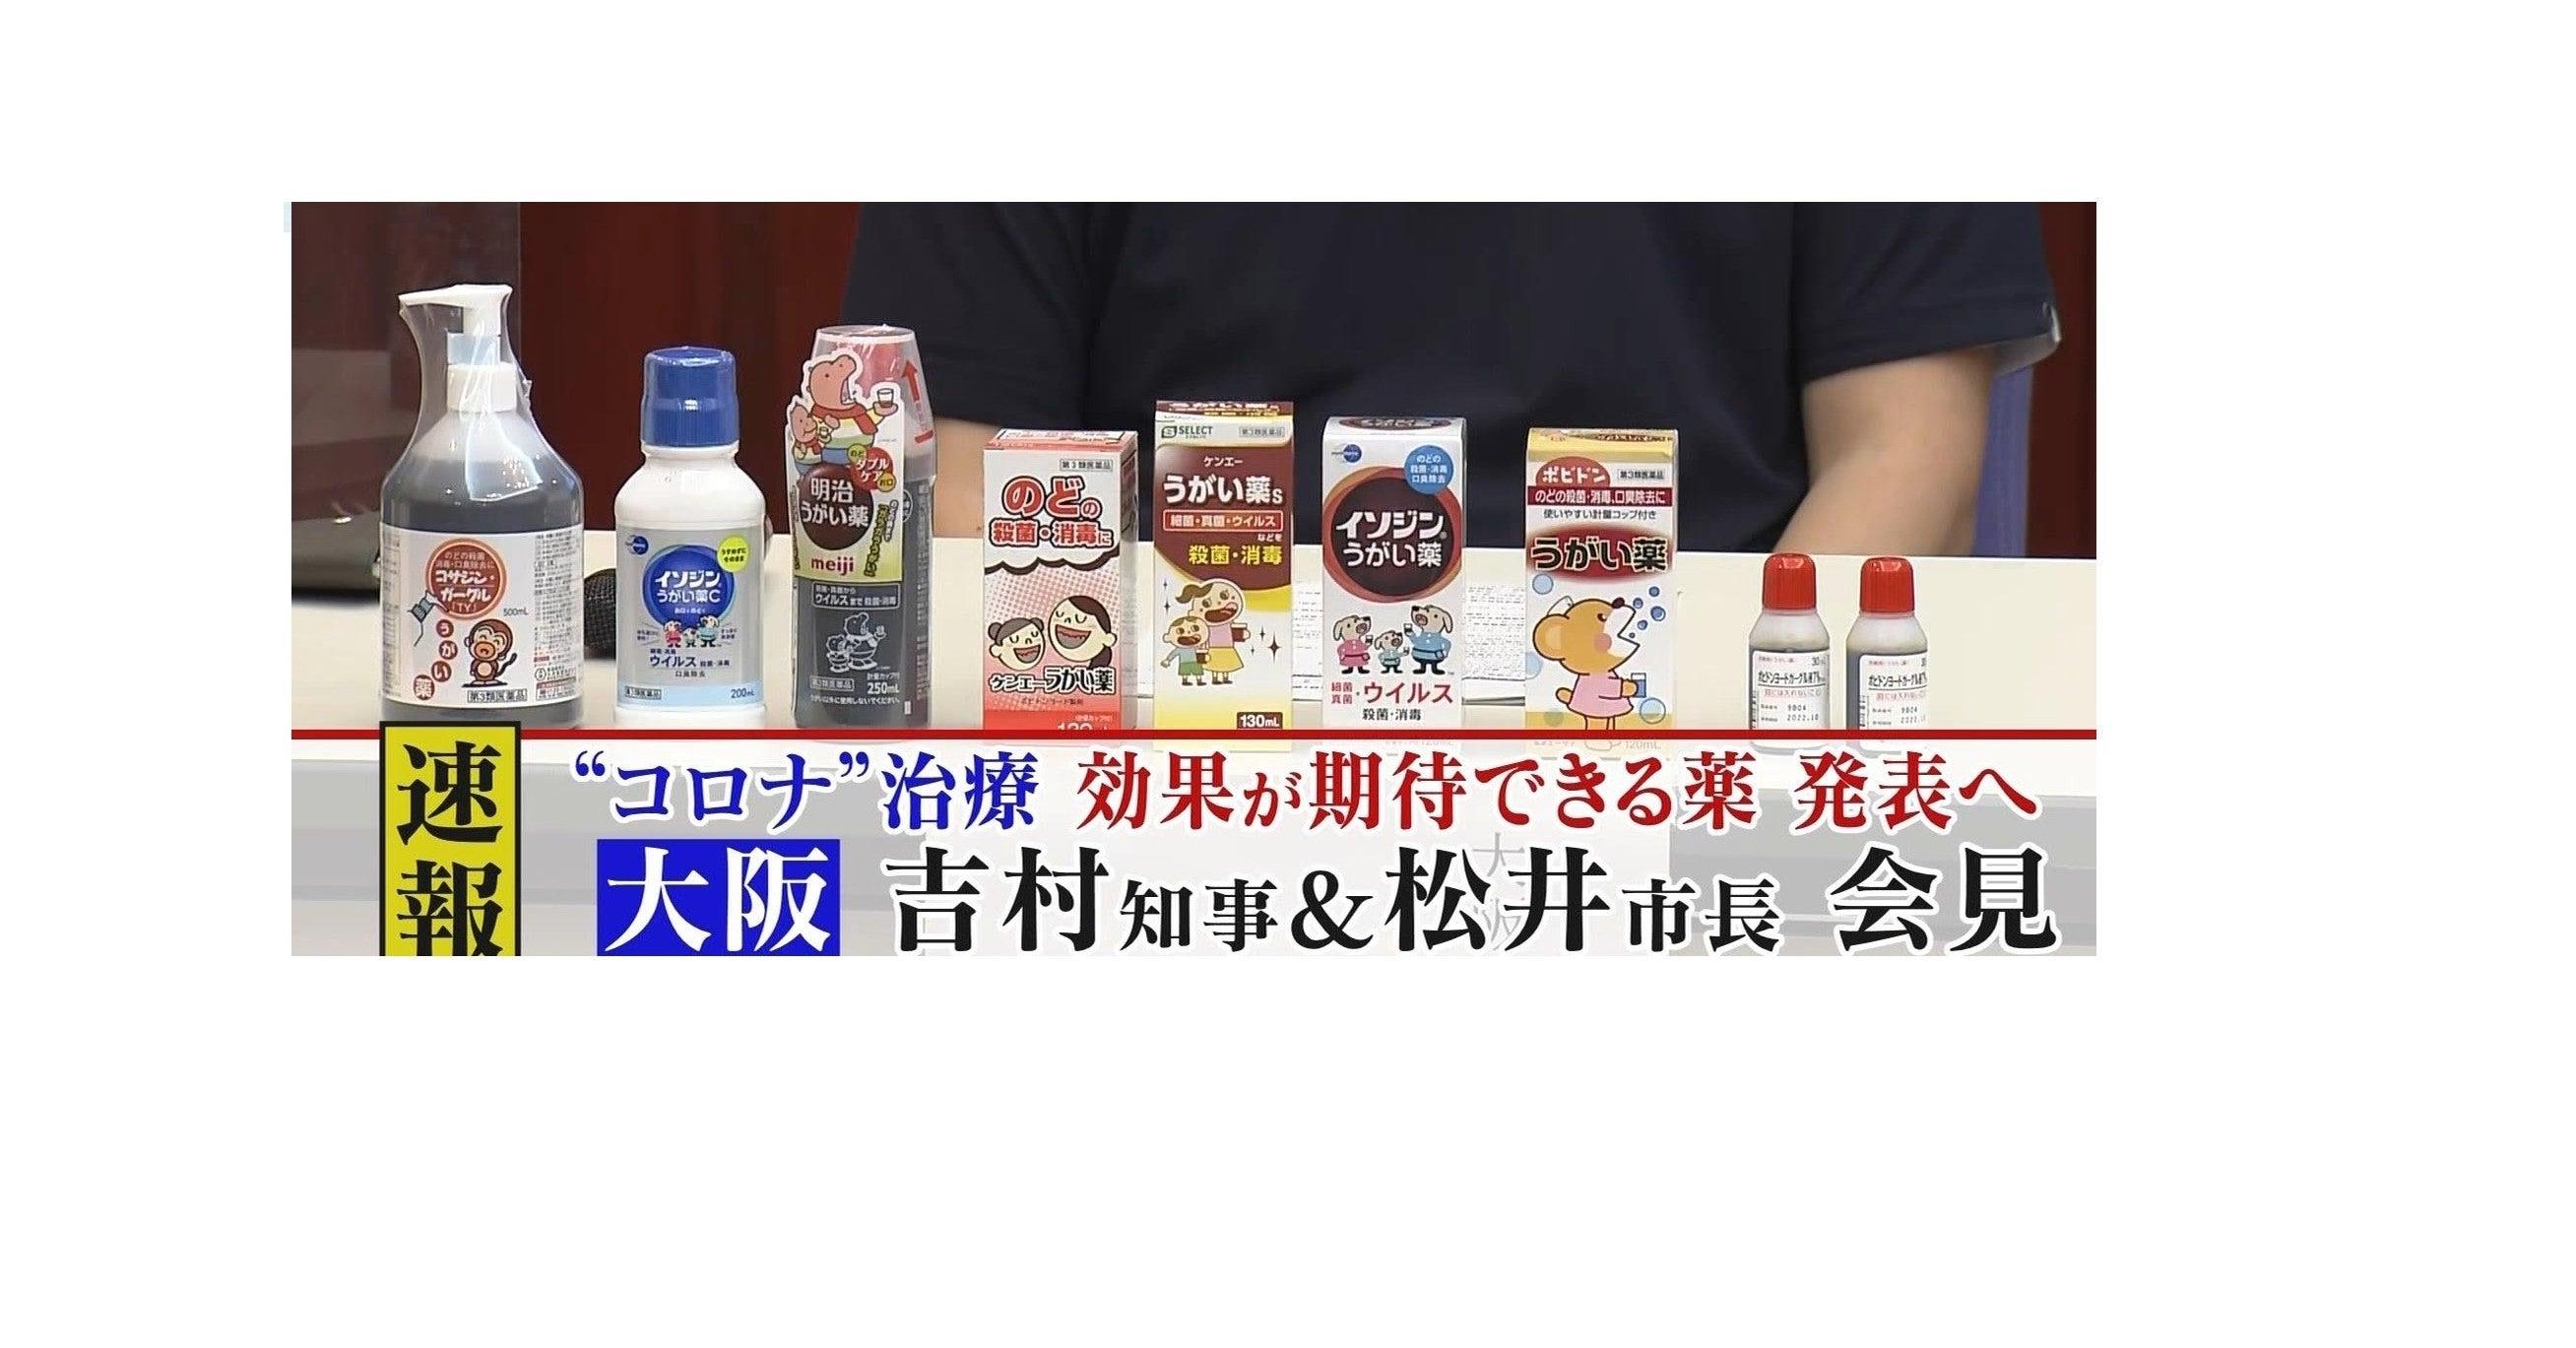 吉村知事「イソジンがコロナに効果あり」で大混乱!薬局で売れ切れ ...